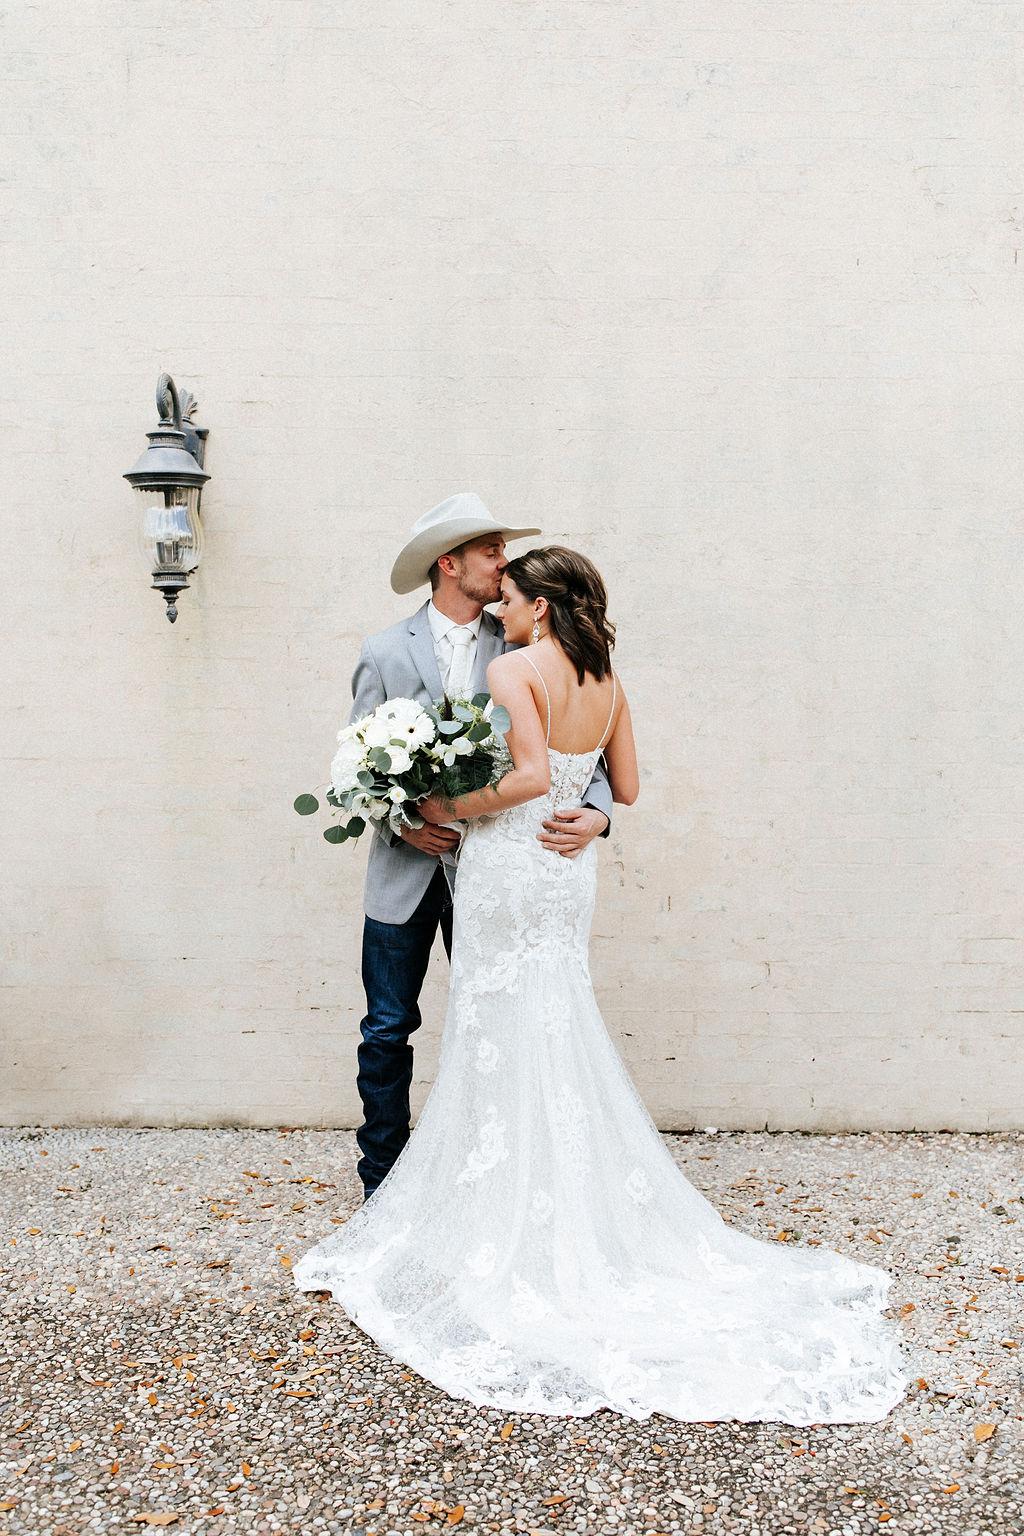 Epoch Co+ Destination wedding planner   First Look Photo Ideas with Groom   Rockin Star Ranch, Brenham Wedding Venue   Velvet + Wire Photography   Austin Wedding Planner   Wedding Dress Portrait